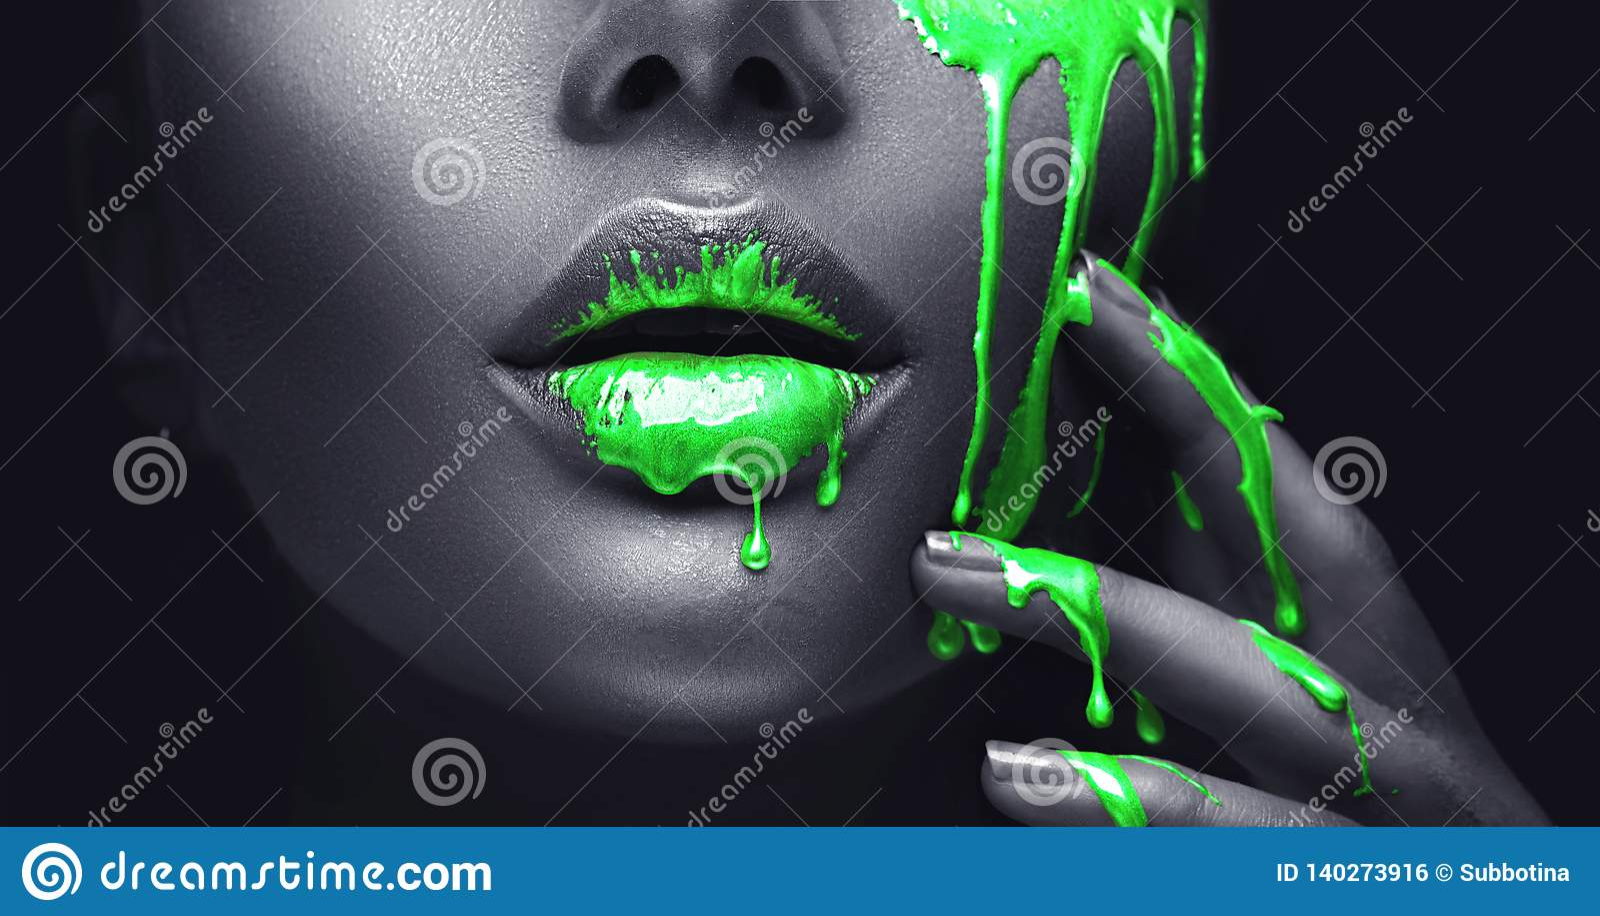 Neonowa zielona farba smudges kapinosy od twarzy warg i ręka, zielony ciecz opuszcza na pięknym wzorcowym dziewczyny usta